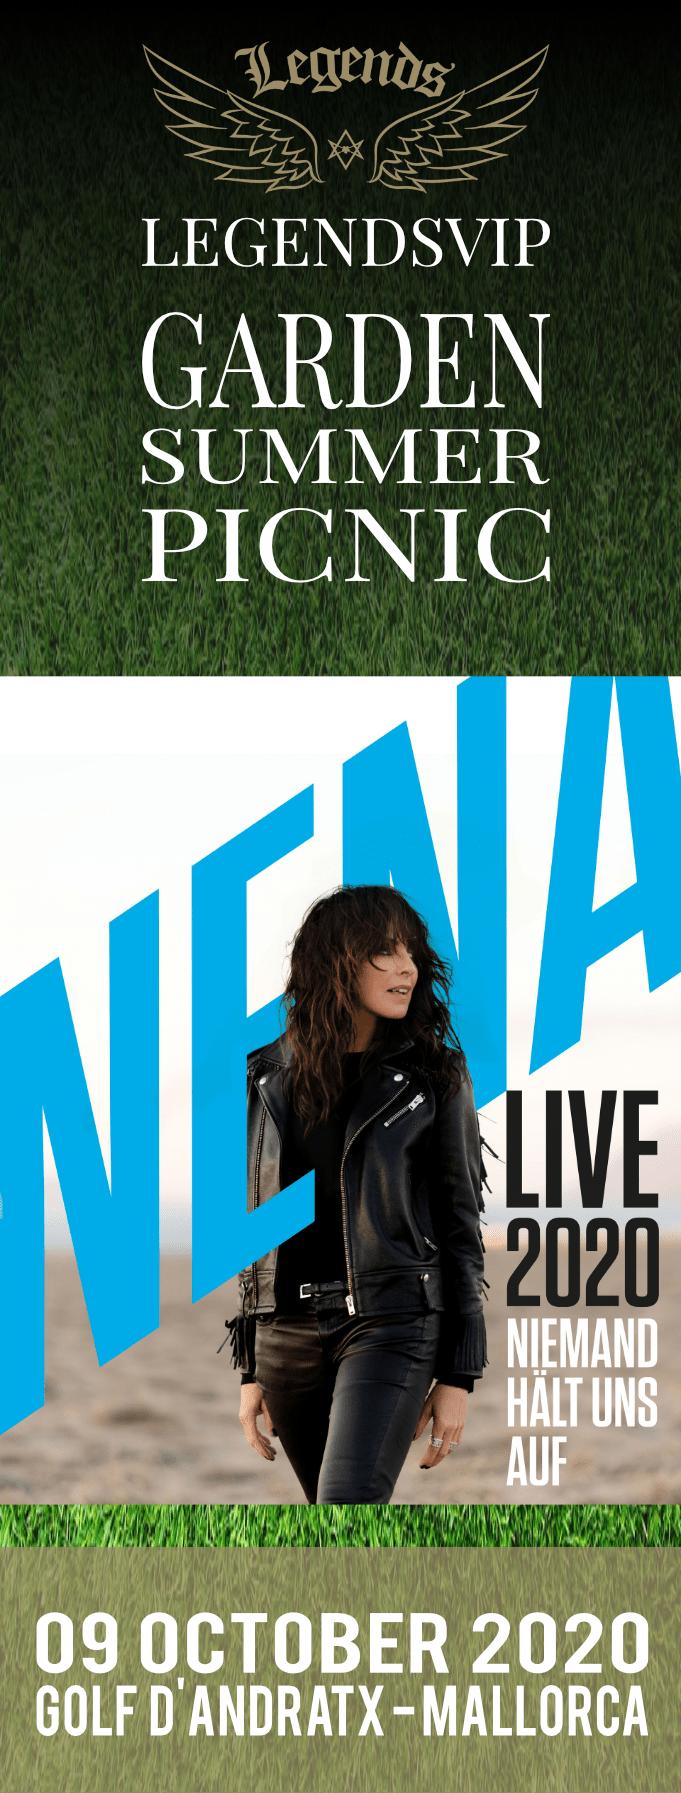 Nena live in Mallorca 2020